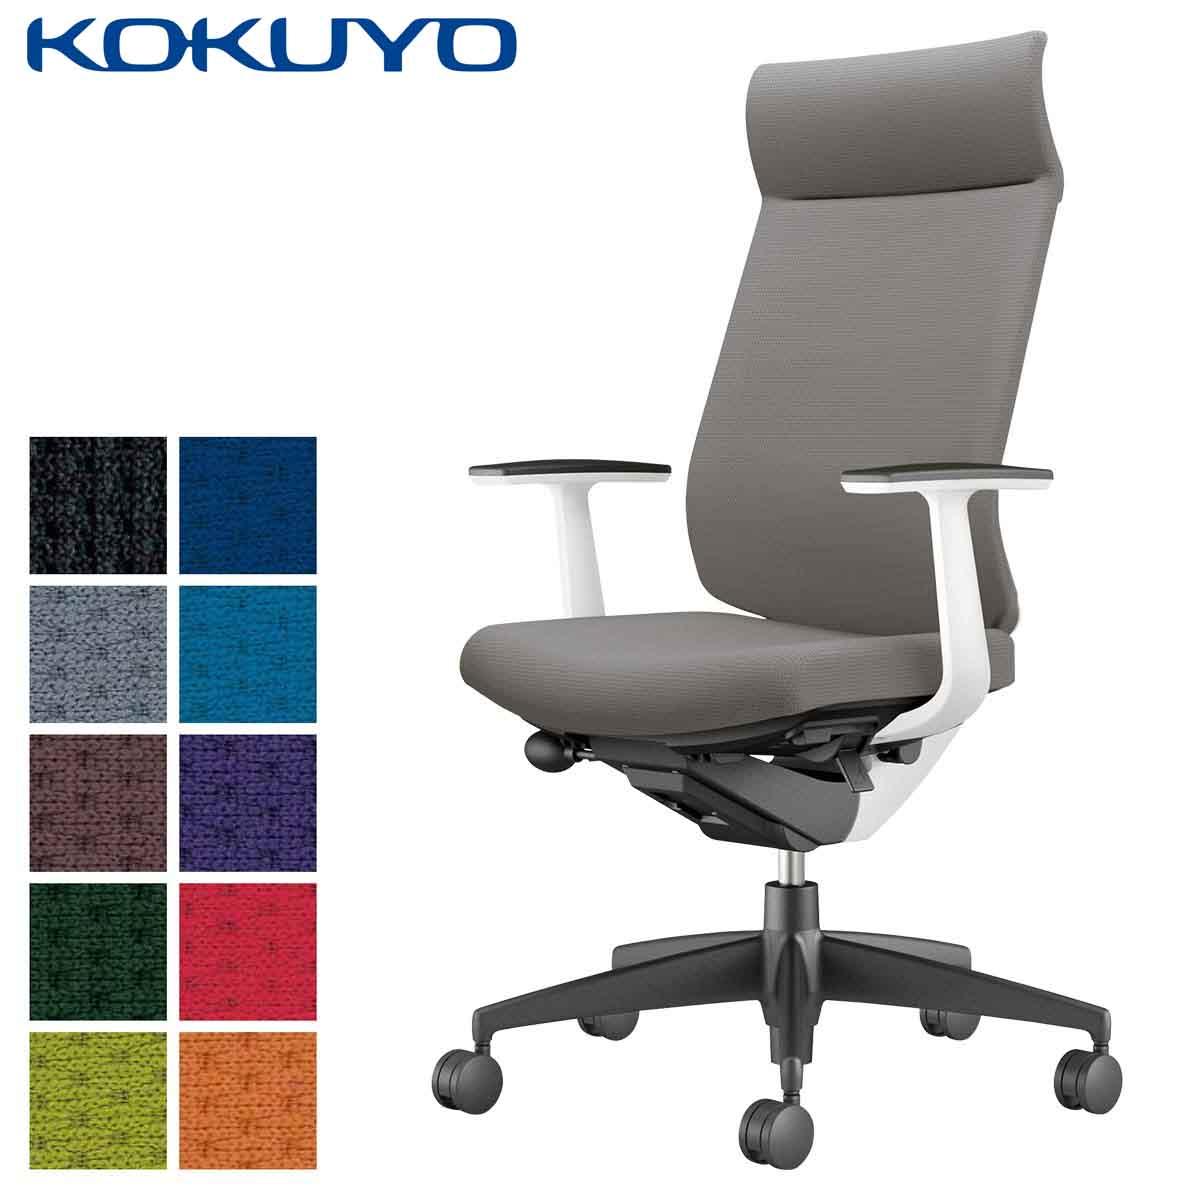 コクヨ デスクチェア オフィスチェア 椅子 Wizard3 ウィザード3 CR-G3625E1 T型肘 ホワイトシェル ブラック樹脂脚 -w カーペット用キャスター